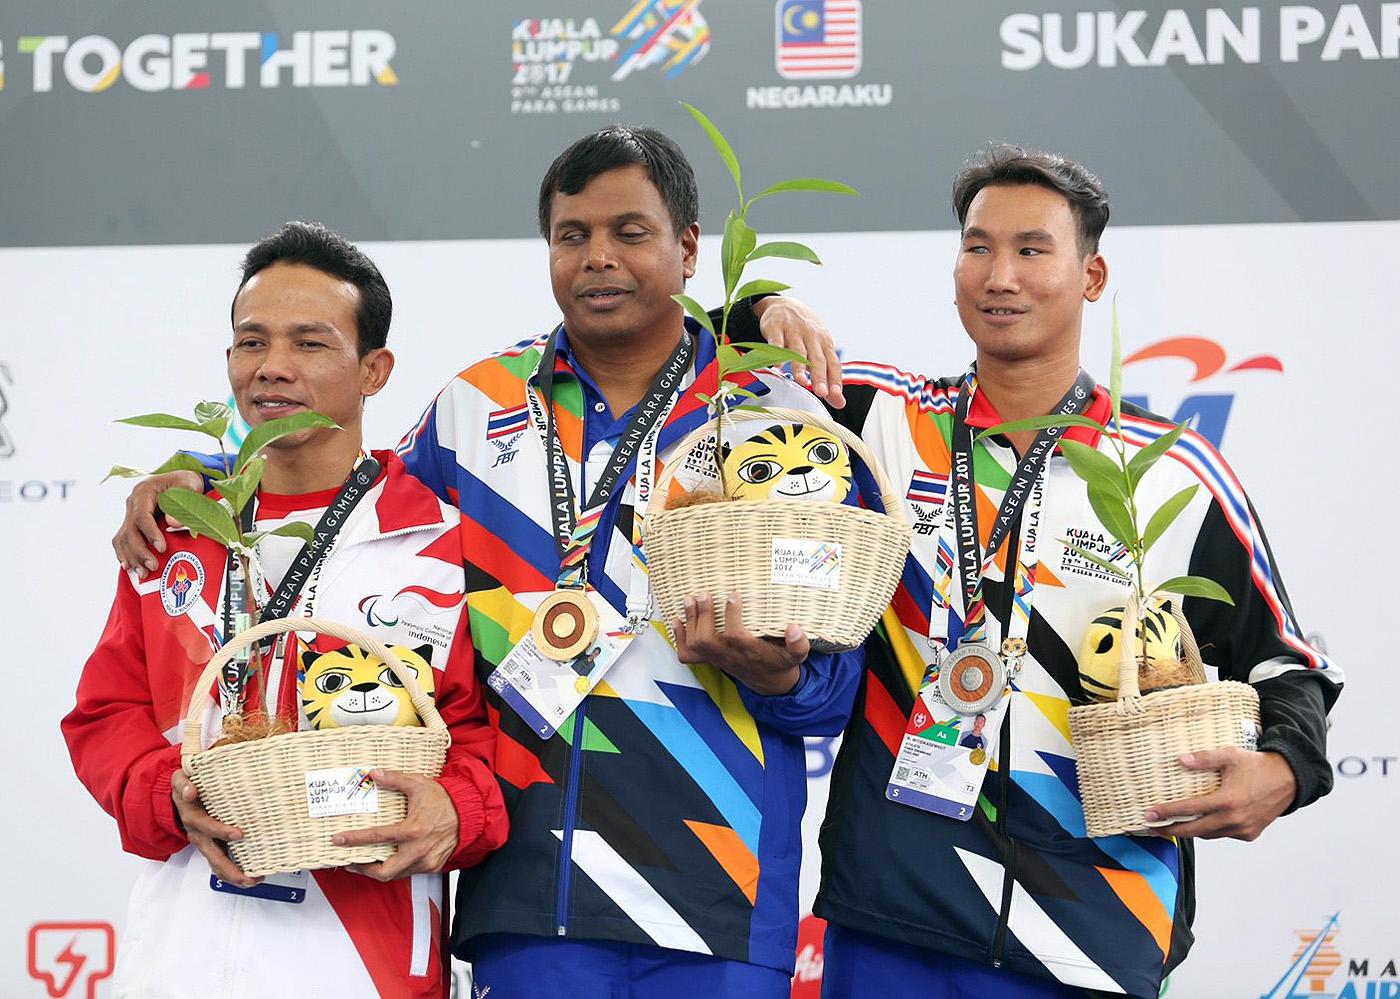 """รอยยิ้มผู้ชนะ !! """"พนม ลักษณะพริ้ม"""" นักว่ายน้ำรุ่นเก๋าคว้าเหรียญทองให้กับทัพนักกีฬาคนพิการไทย"""